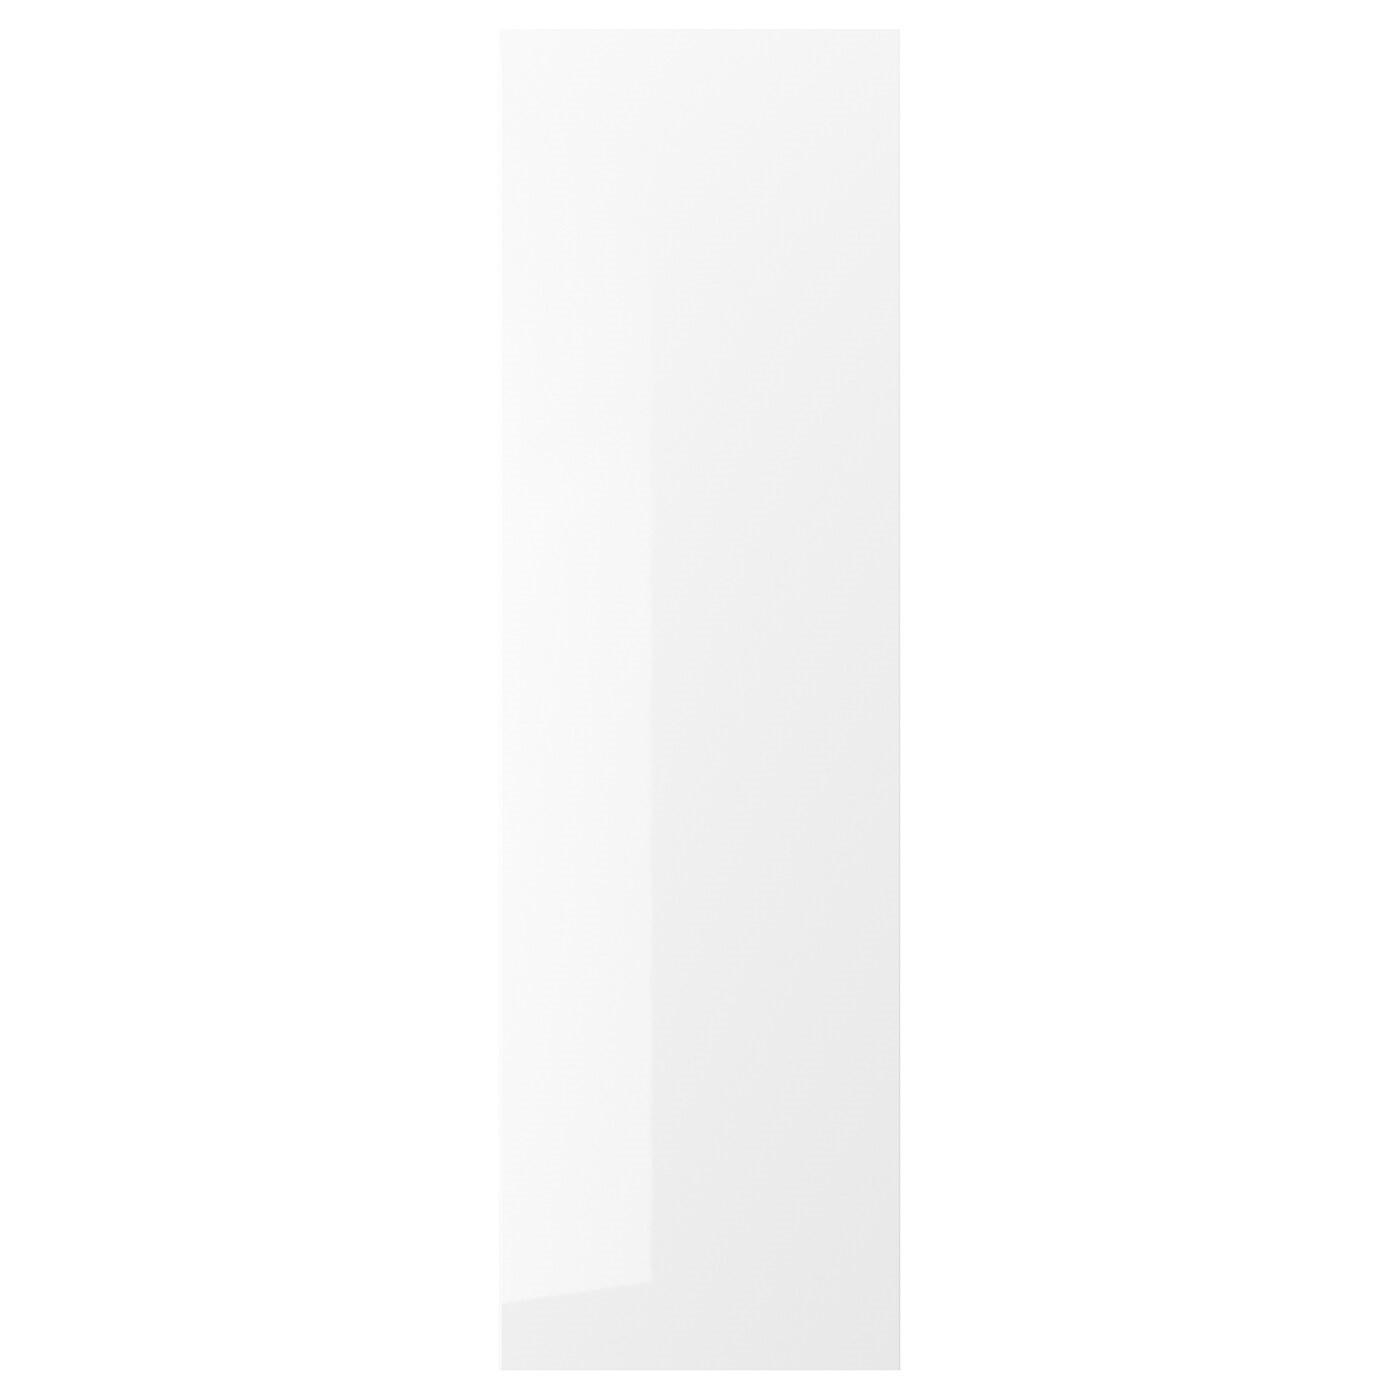 IKEA RINGHULT дверь глянцевый белый 60 x 200 см 602.124.00